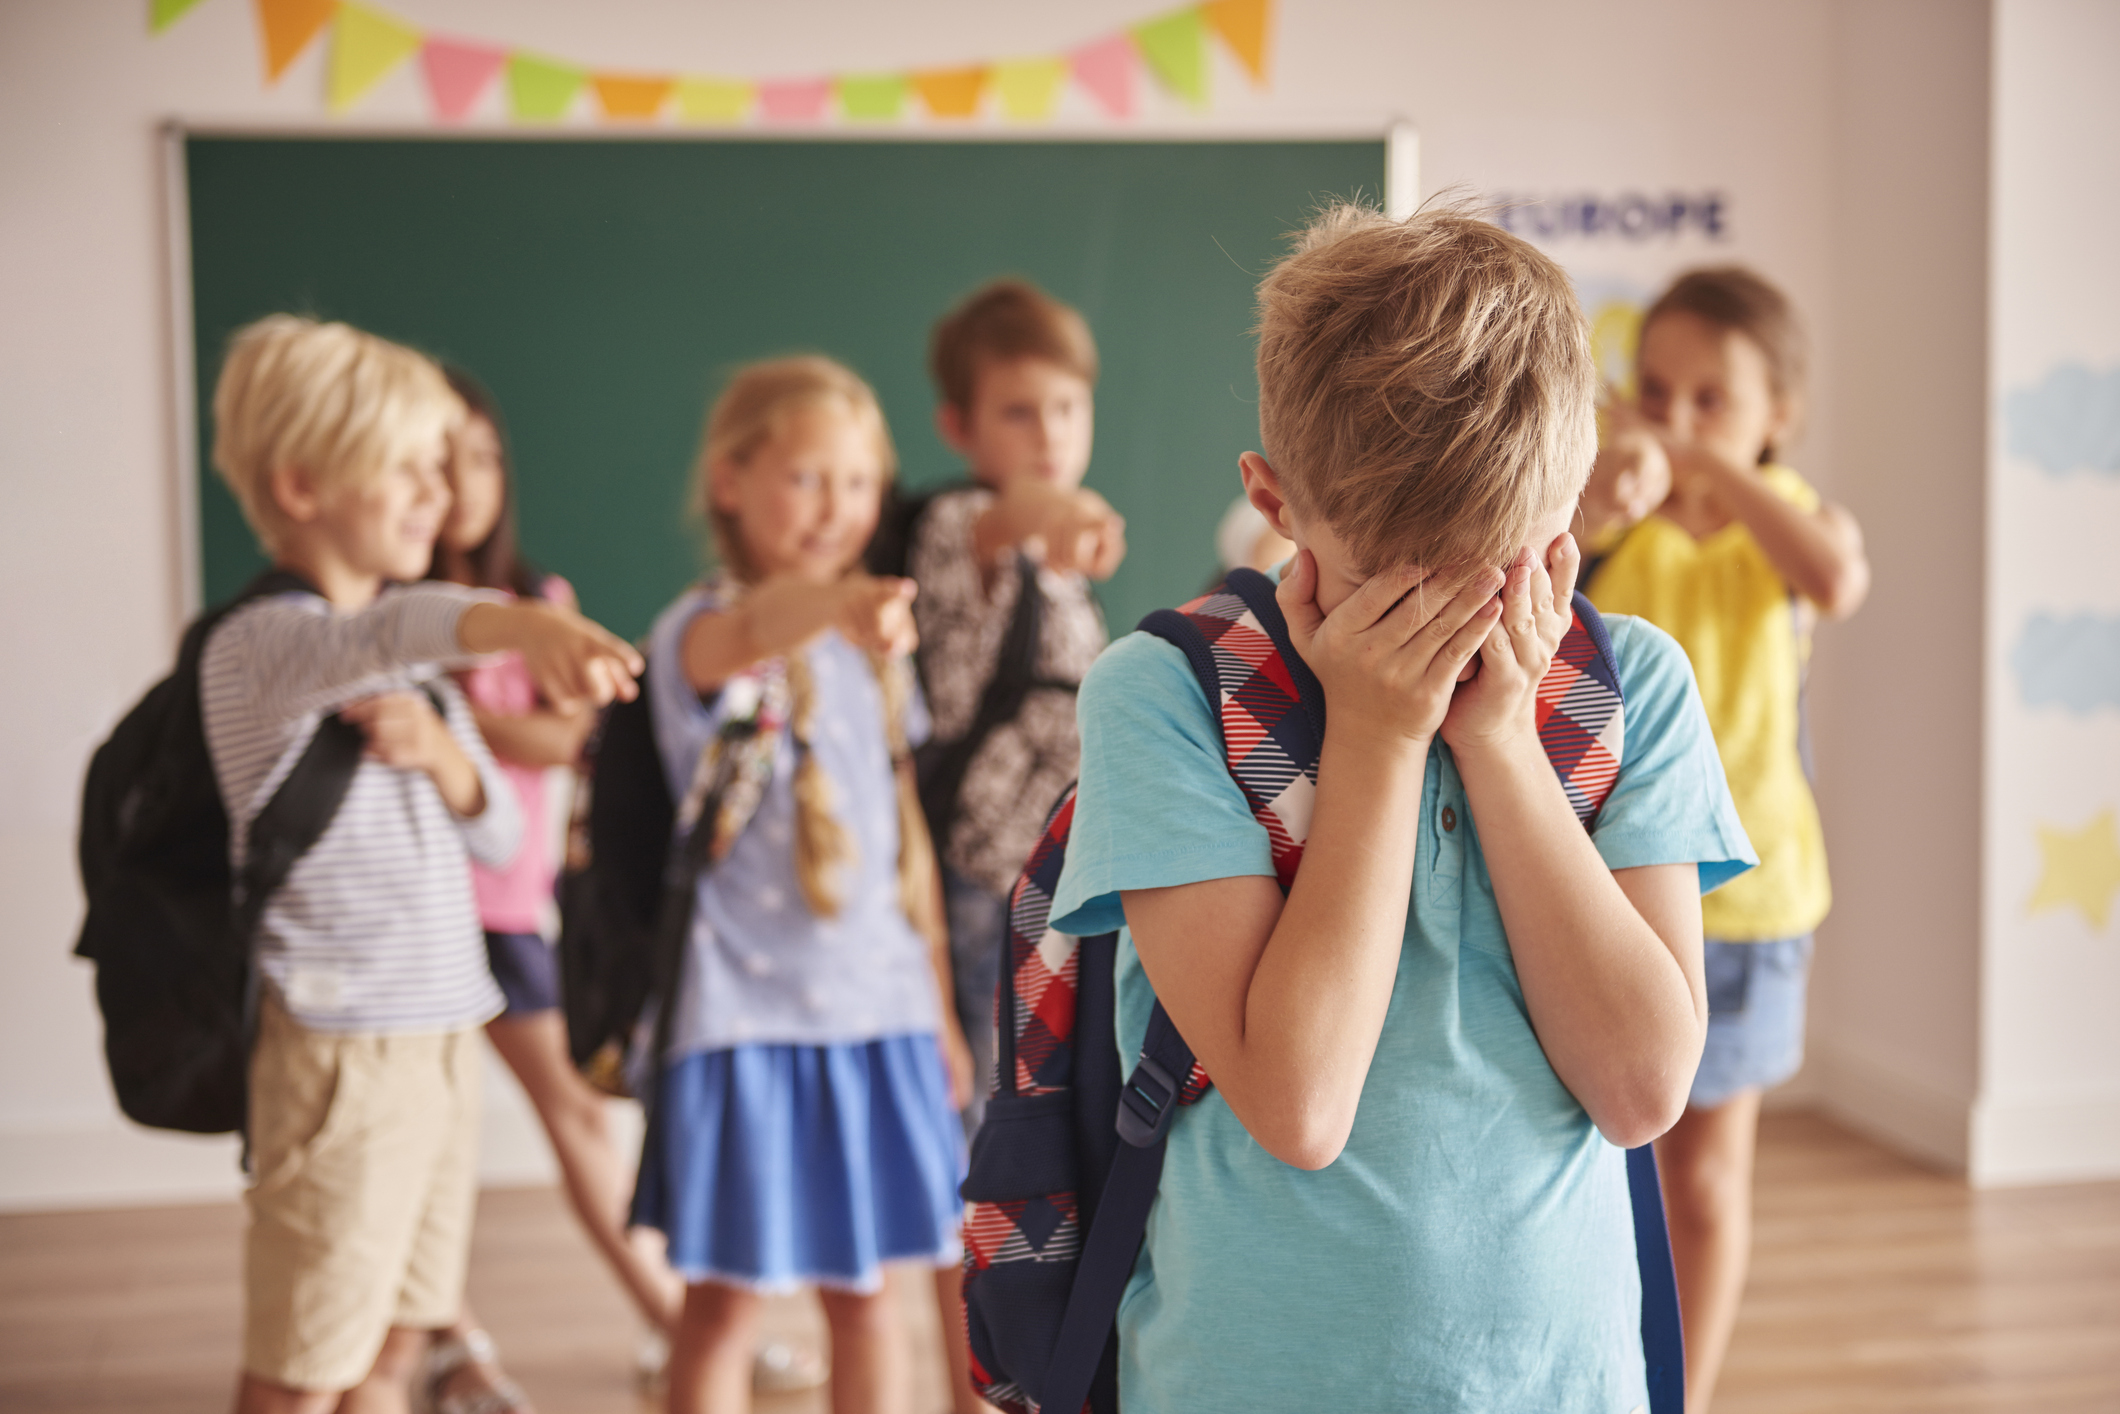 Борьба со школьным буллингом и моббингом: способы противостояния травле